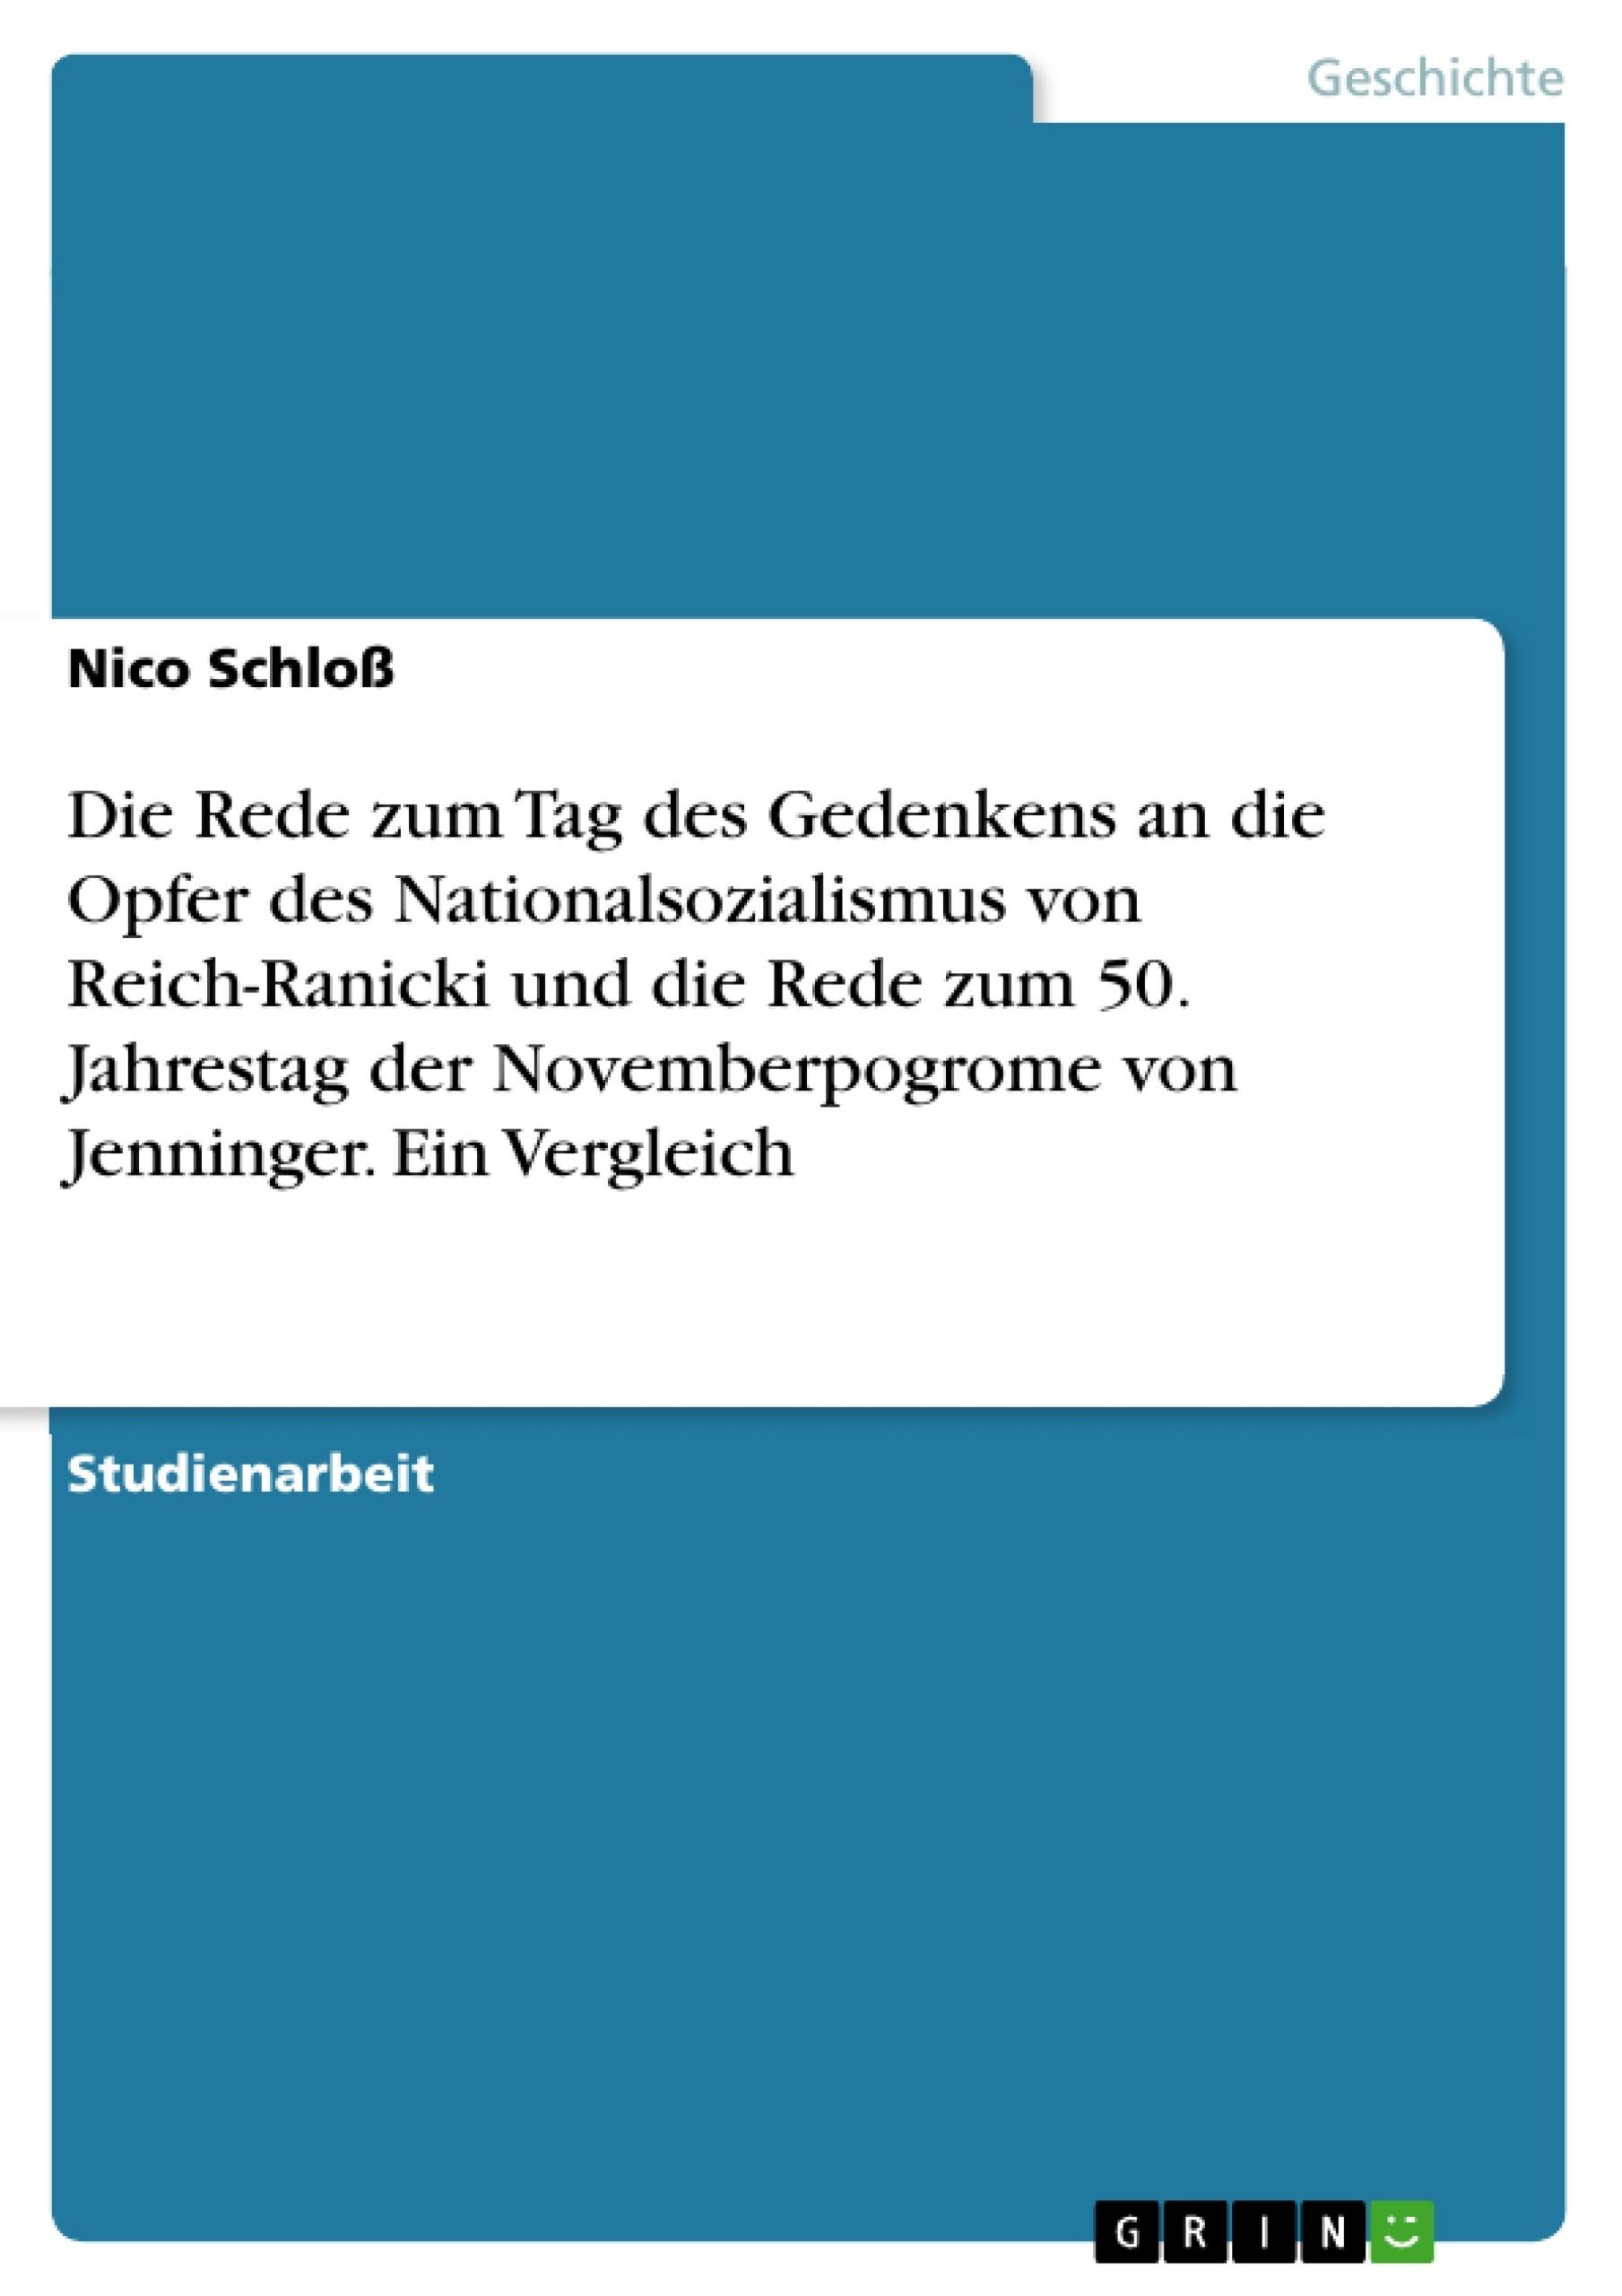 Titel: Die Rede zum Tag des Gedenkens an die Opfer des Nationalsozialismus von Reich-Ranicki und die Rede zum 50. Jahrestag der Novemberpogrome von Jenninger. Ein Vergleich